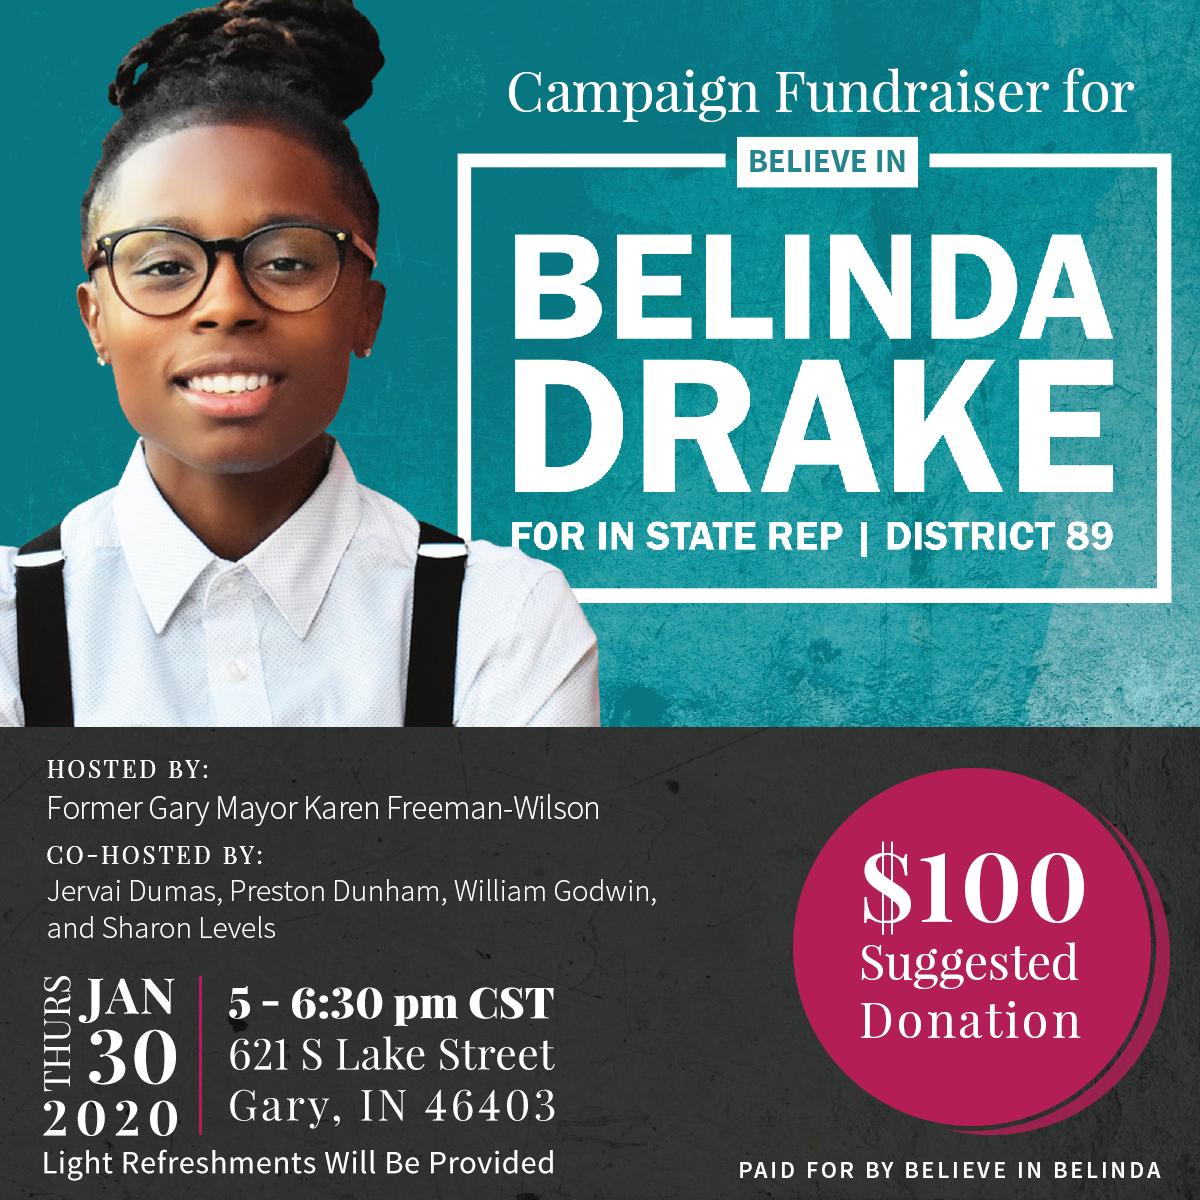 Gary, Indiana Fundraiser for Belinda